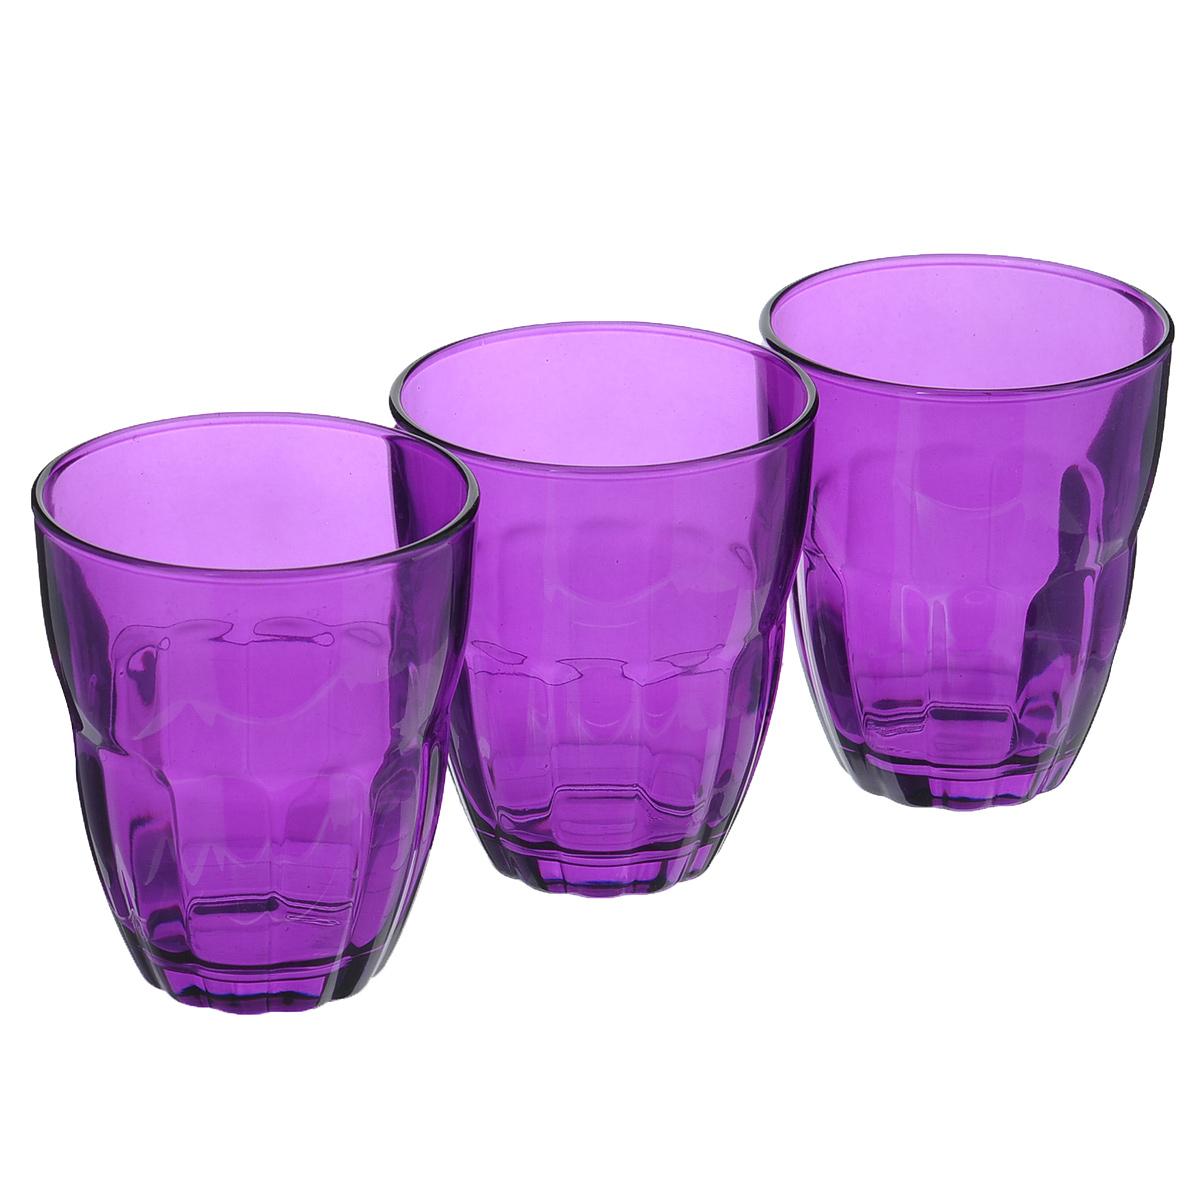 Набор стаканов Bormioli Rocco Ercole, цвет: фиолетовый, 230 мл, 3 штB387140VНабор Bormioli Rocco Ercole, выполненный из стекла, состоит из 3 стаканов. Стаканы предназначены для подачи холодных напитков. С внешней стороны нижняя часть стаканов рельефная, что создает эффект игры света и преломления. Благодаря такому набору пить напитки будет еще вкуснее.Стаканы Bormioli Rocco станут идеальным украшением праздничного стола и отличным подарком к любому празднику.